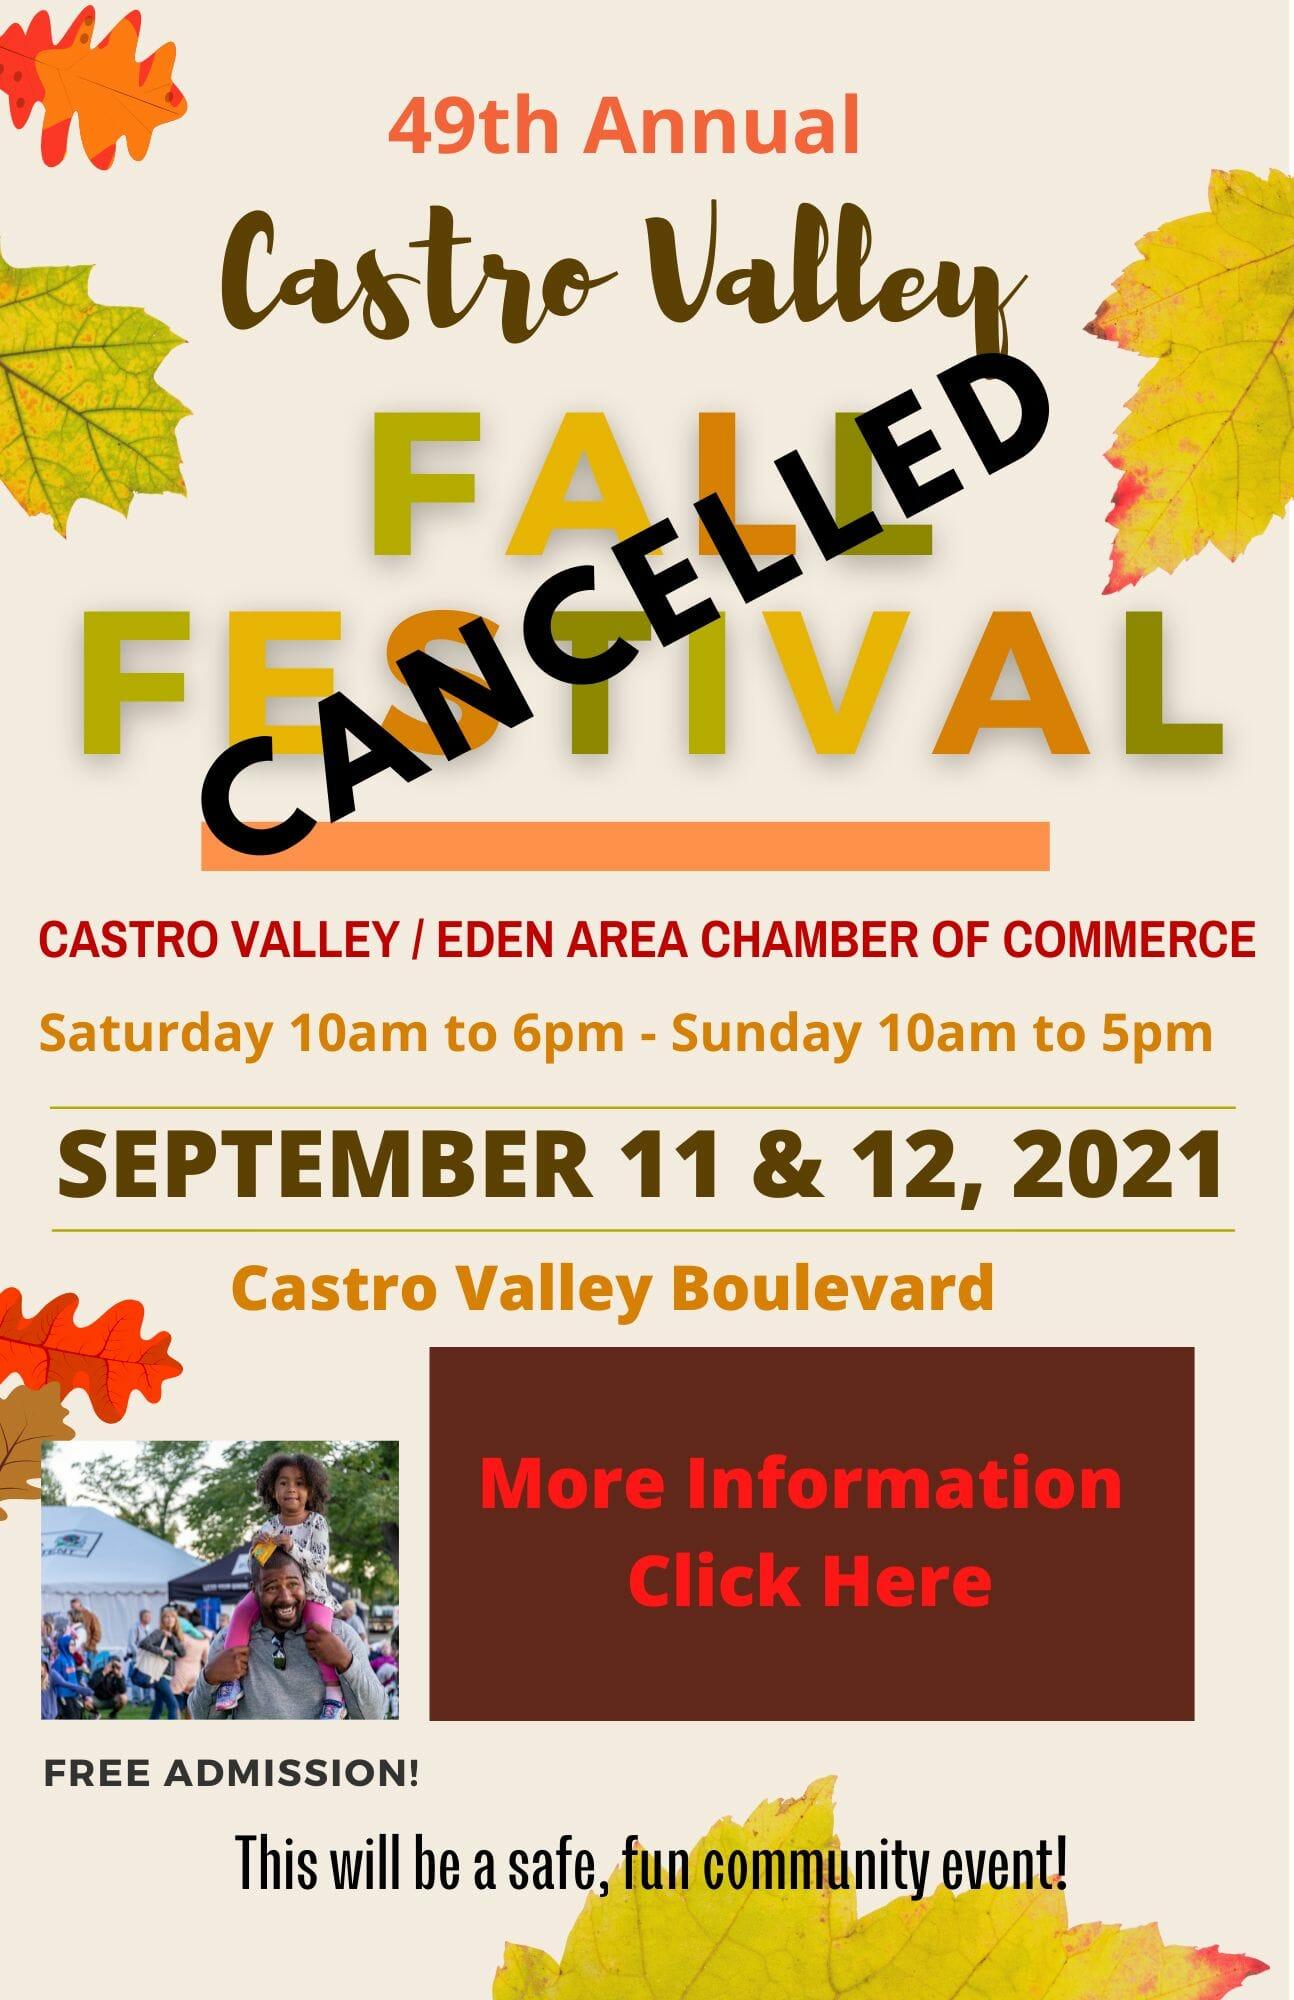 Leafy Fall Festival Flyer (5)